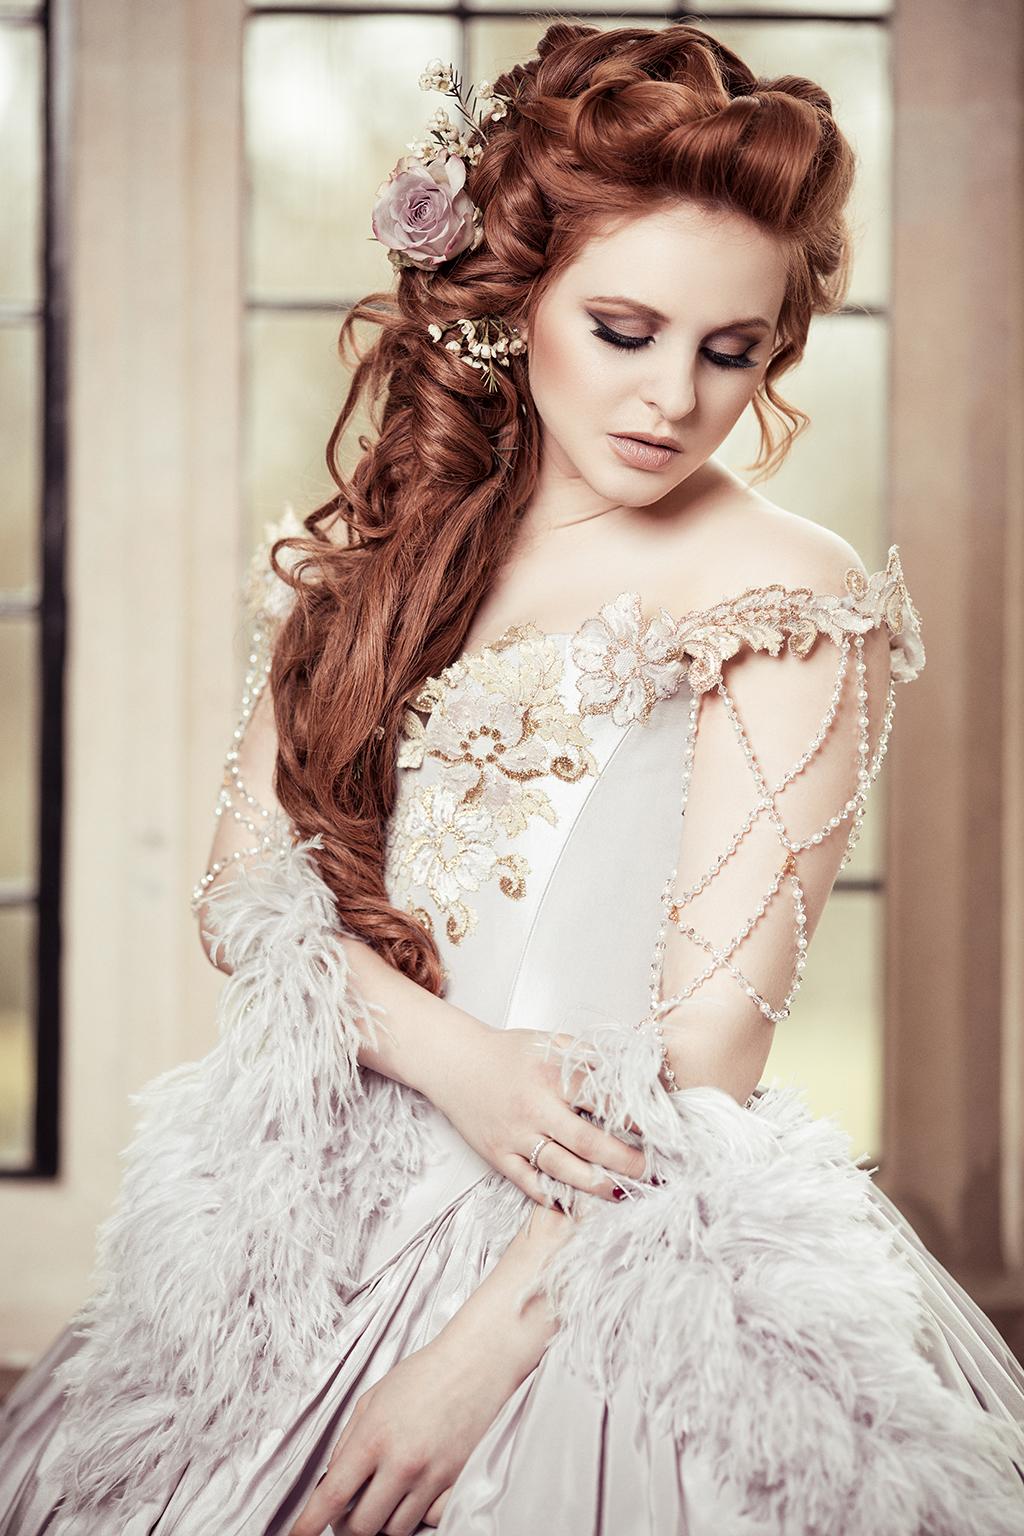 wedding hair and makeup by Gail Gardner